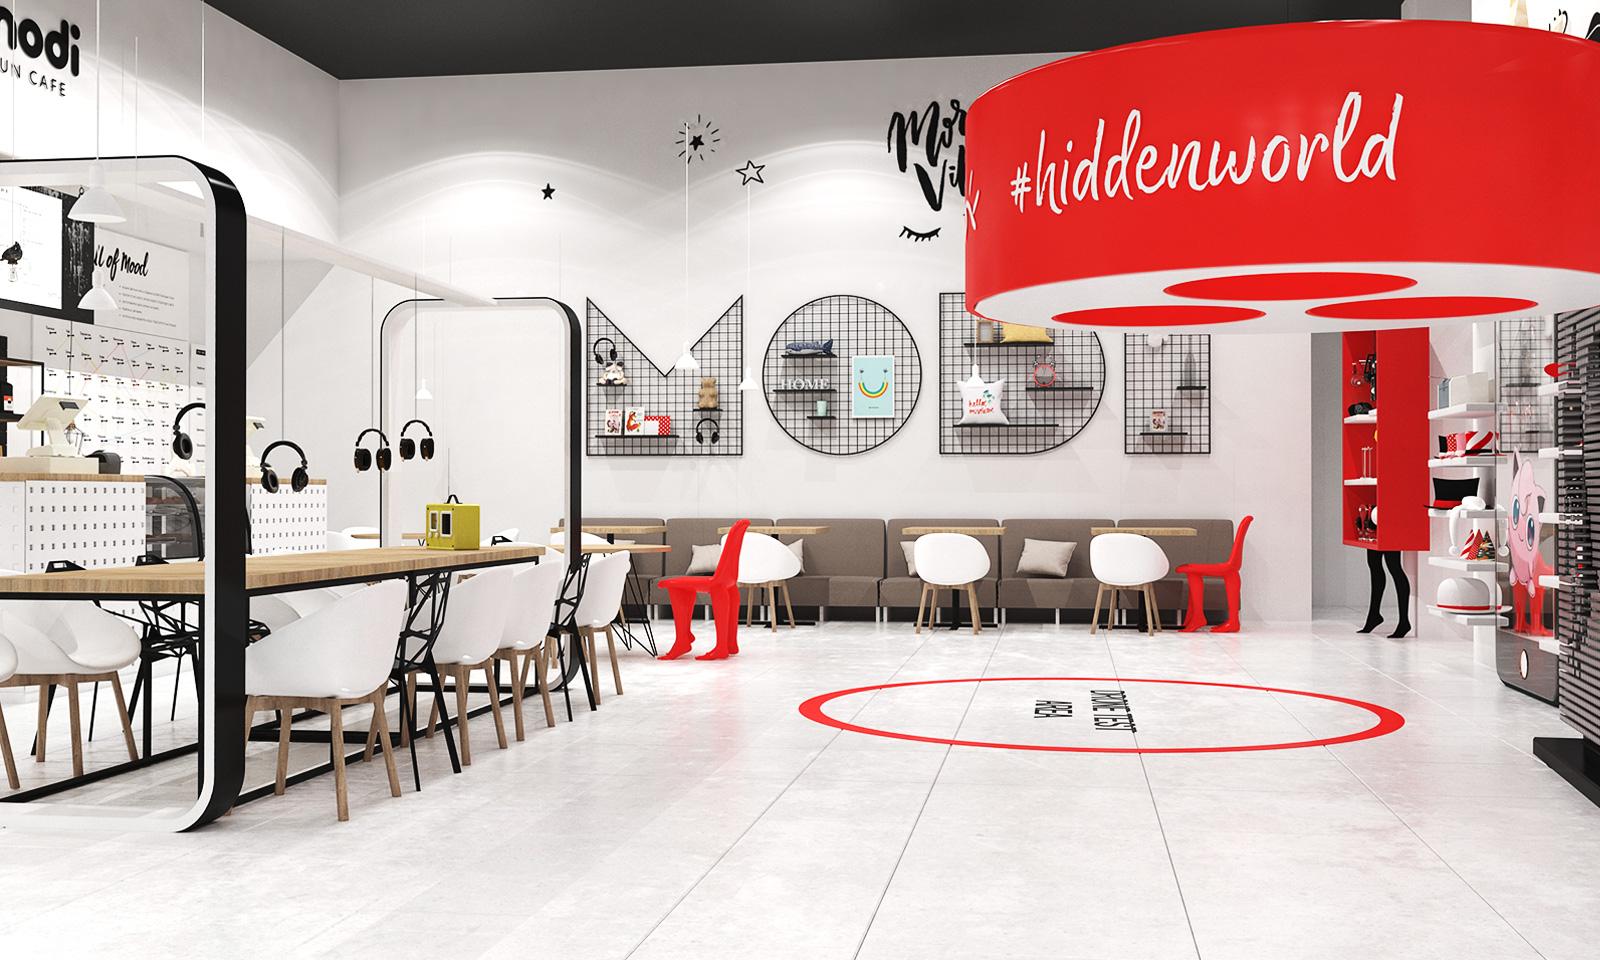 Проект ритейл брендинга Modi предполагает органичную интеграцию фирменного стиля в обновленное пространство бренда